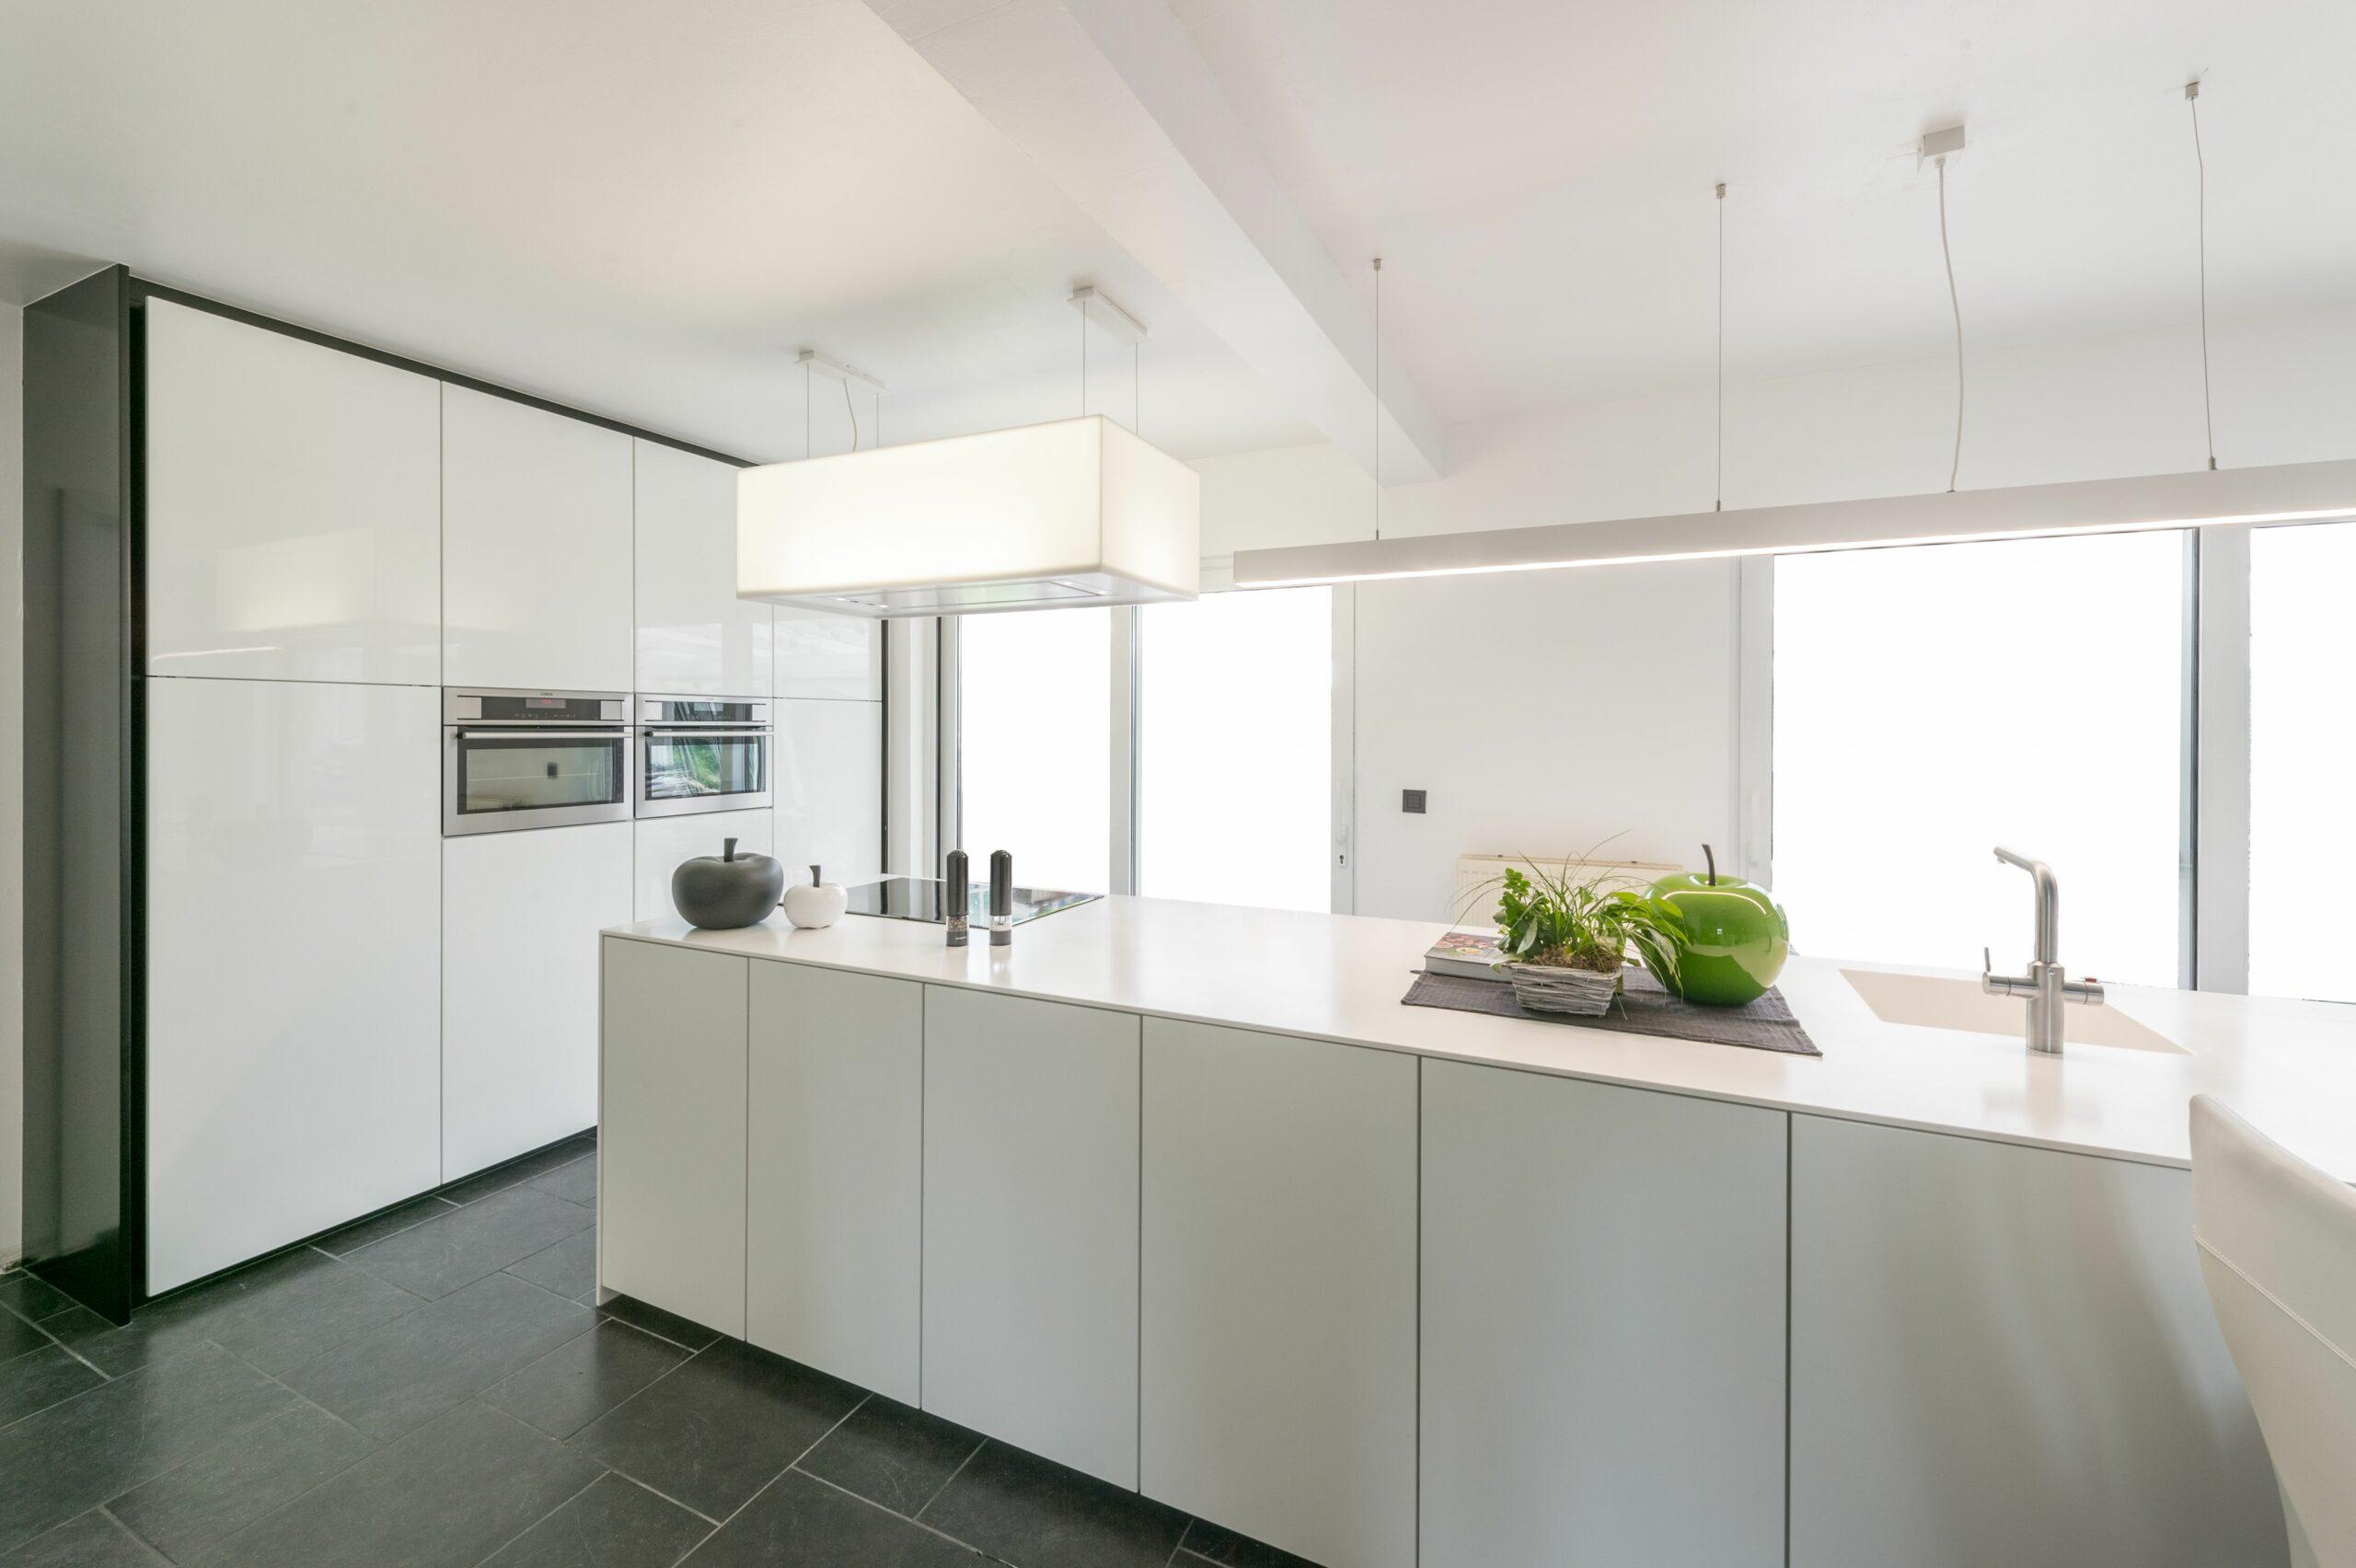 Moderne-keuken-met-eiland-scaled